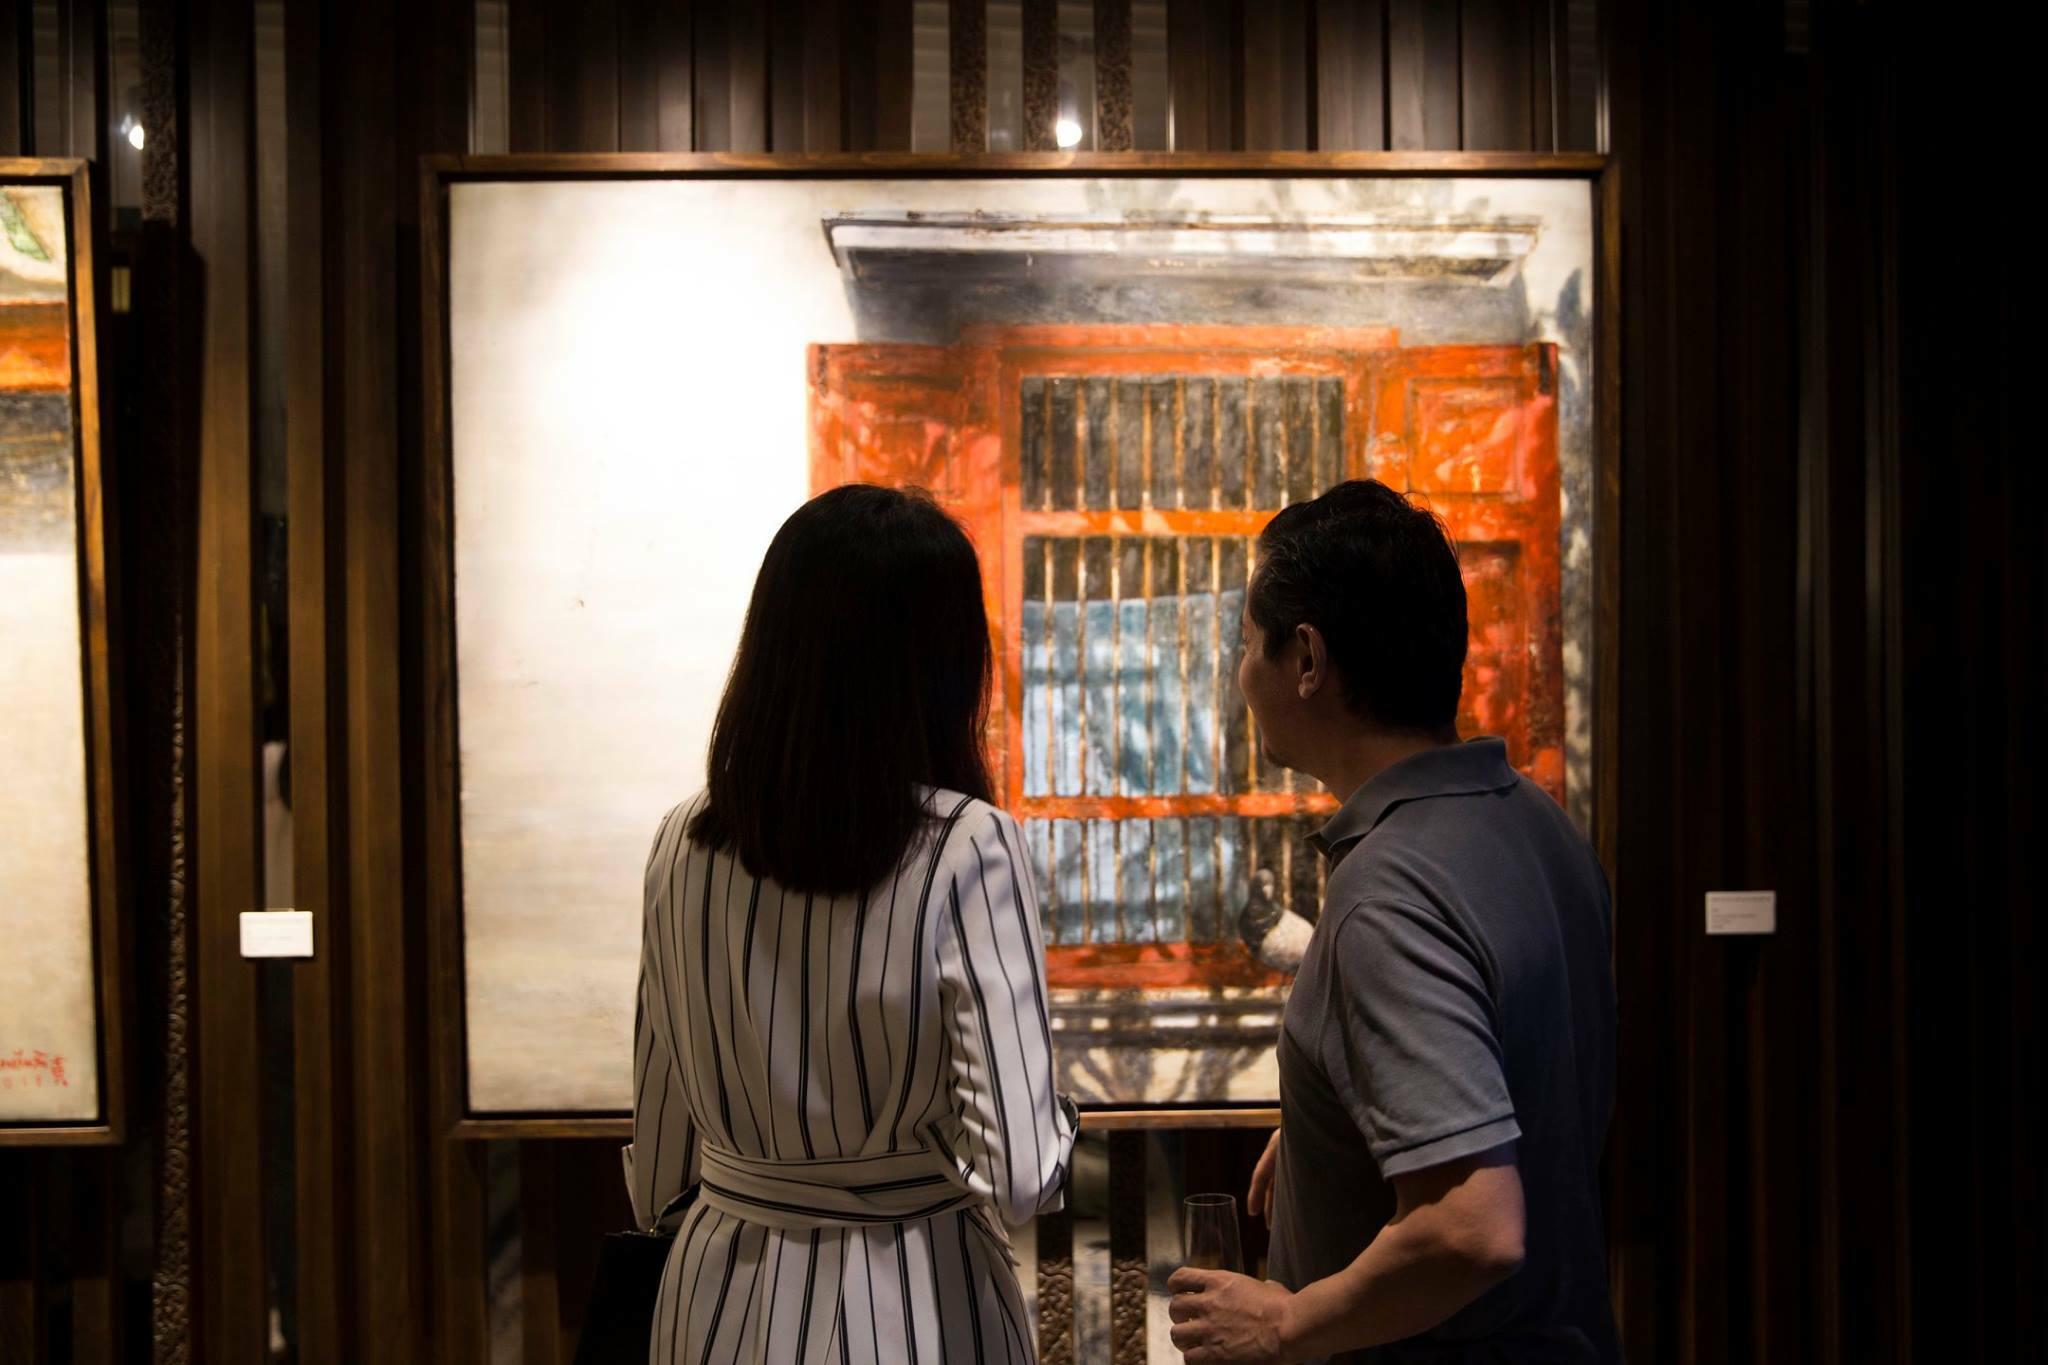 นิทรรศการศิลปะห้ามพลาดในกรุงเทพฯ